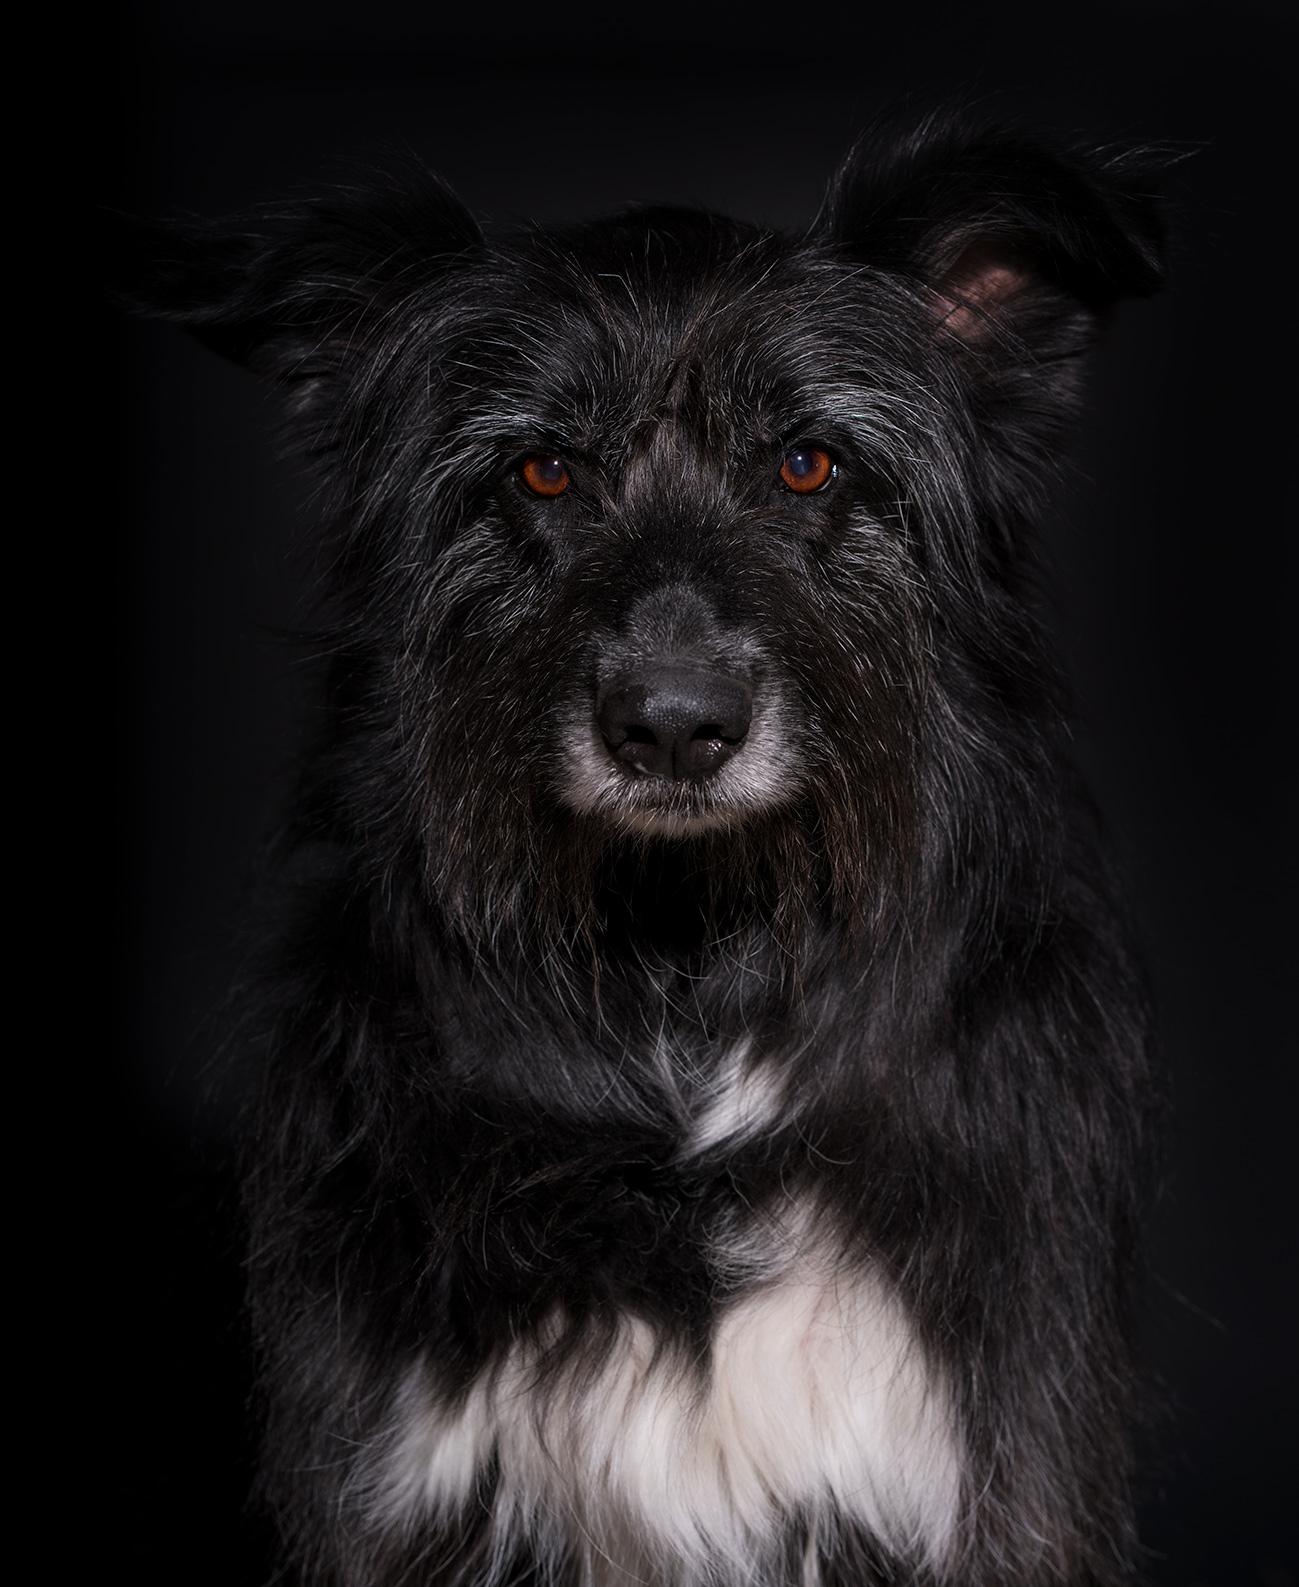 Toni Hund